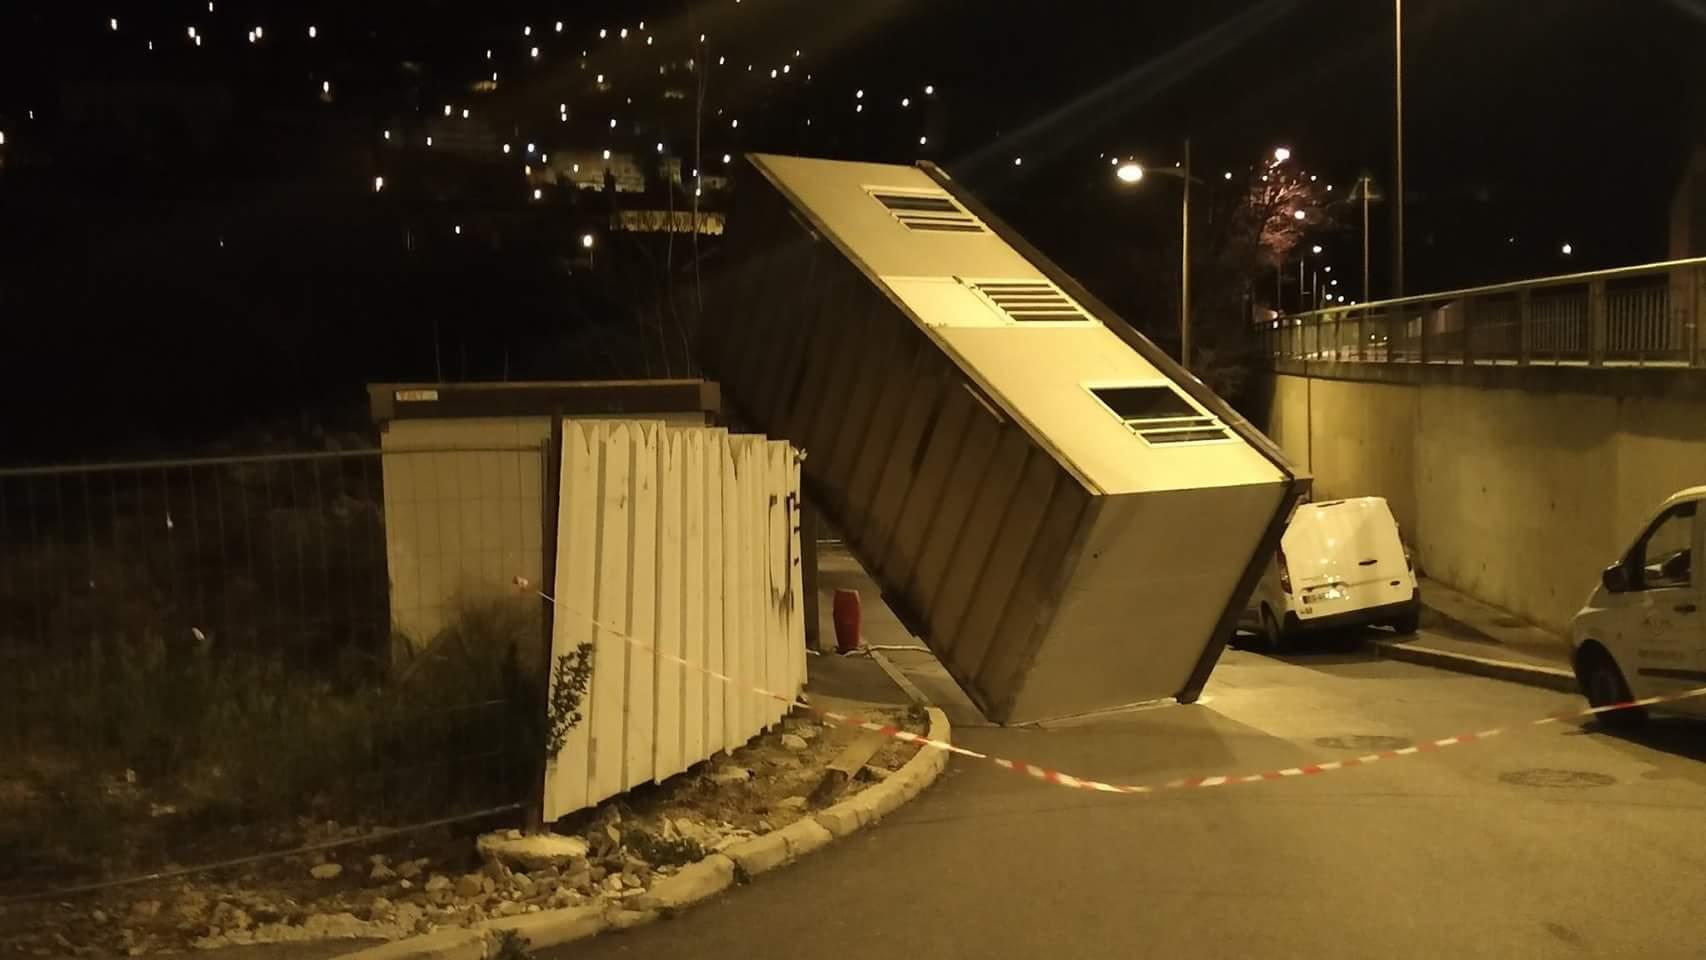 Algeco soulevé et renversé par les rafales de vents à Grasse - Photo Raphaël de Nice Météo